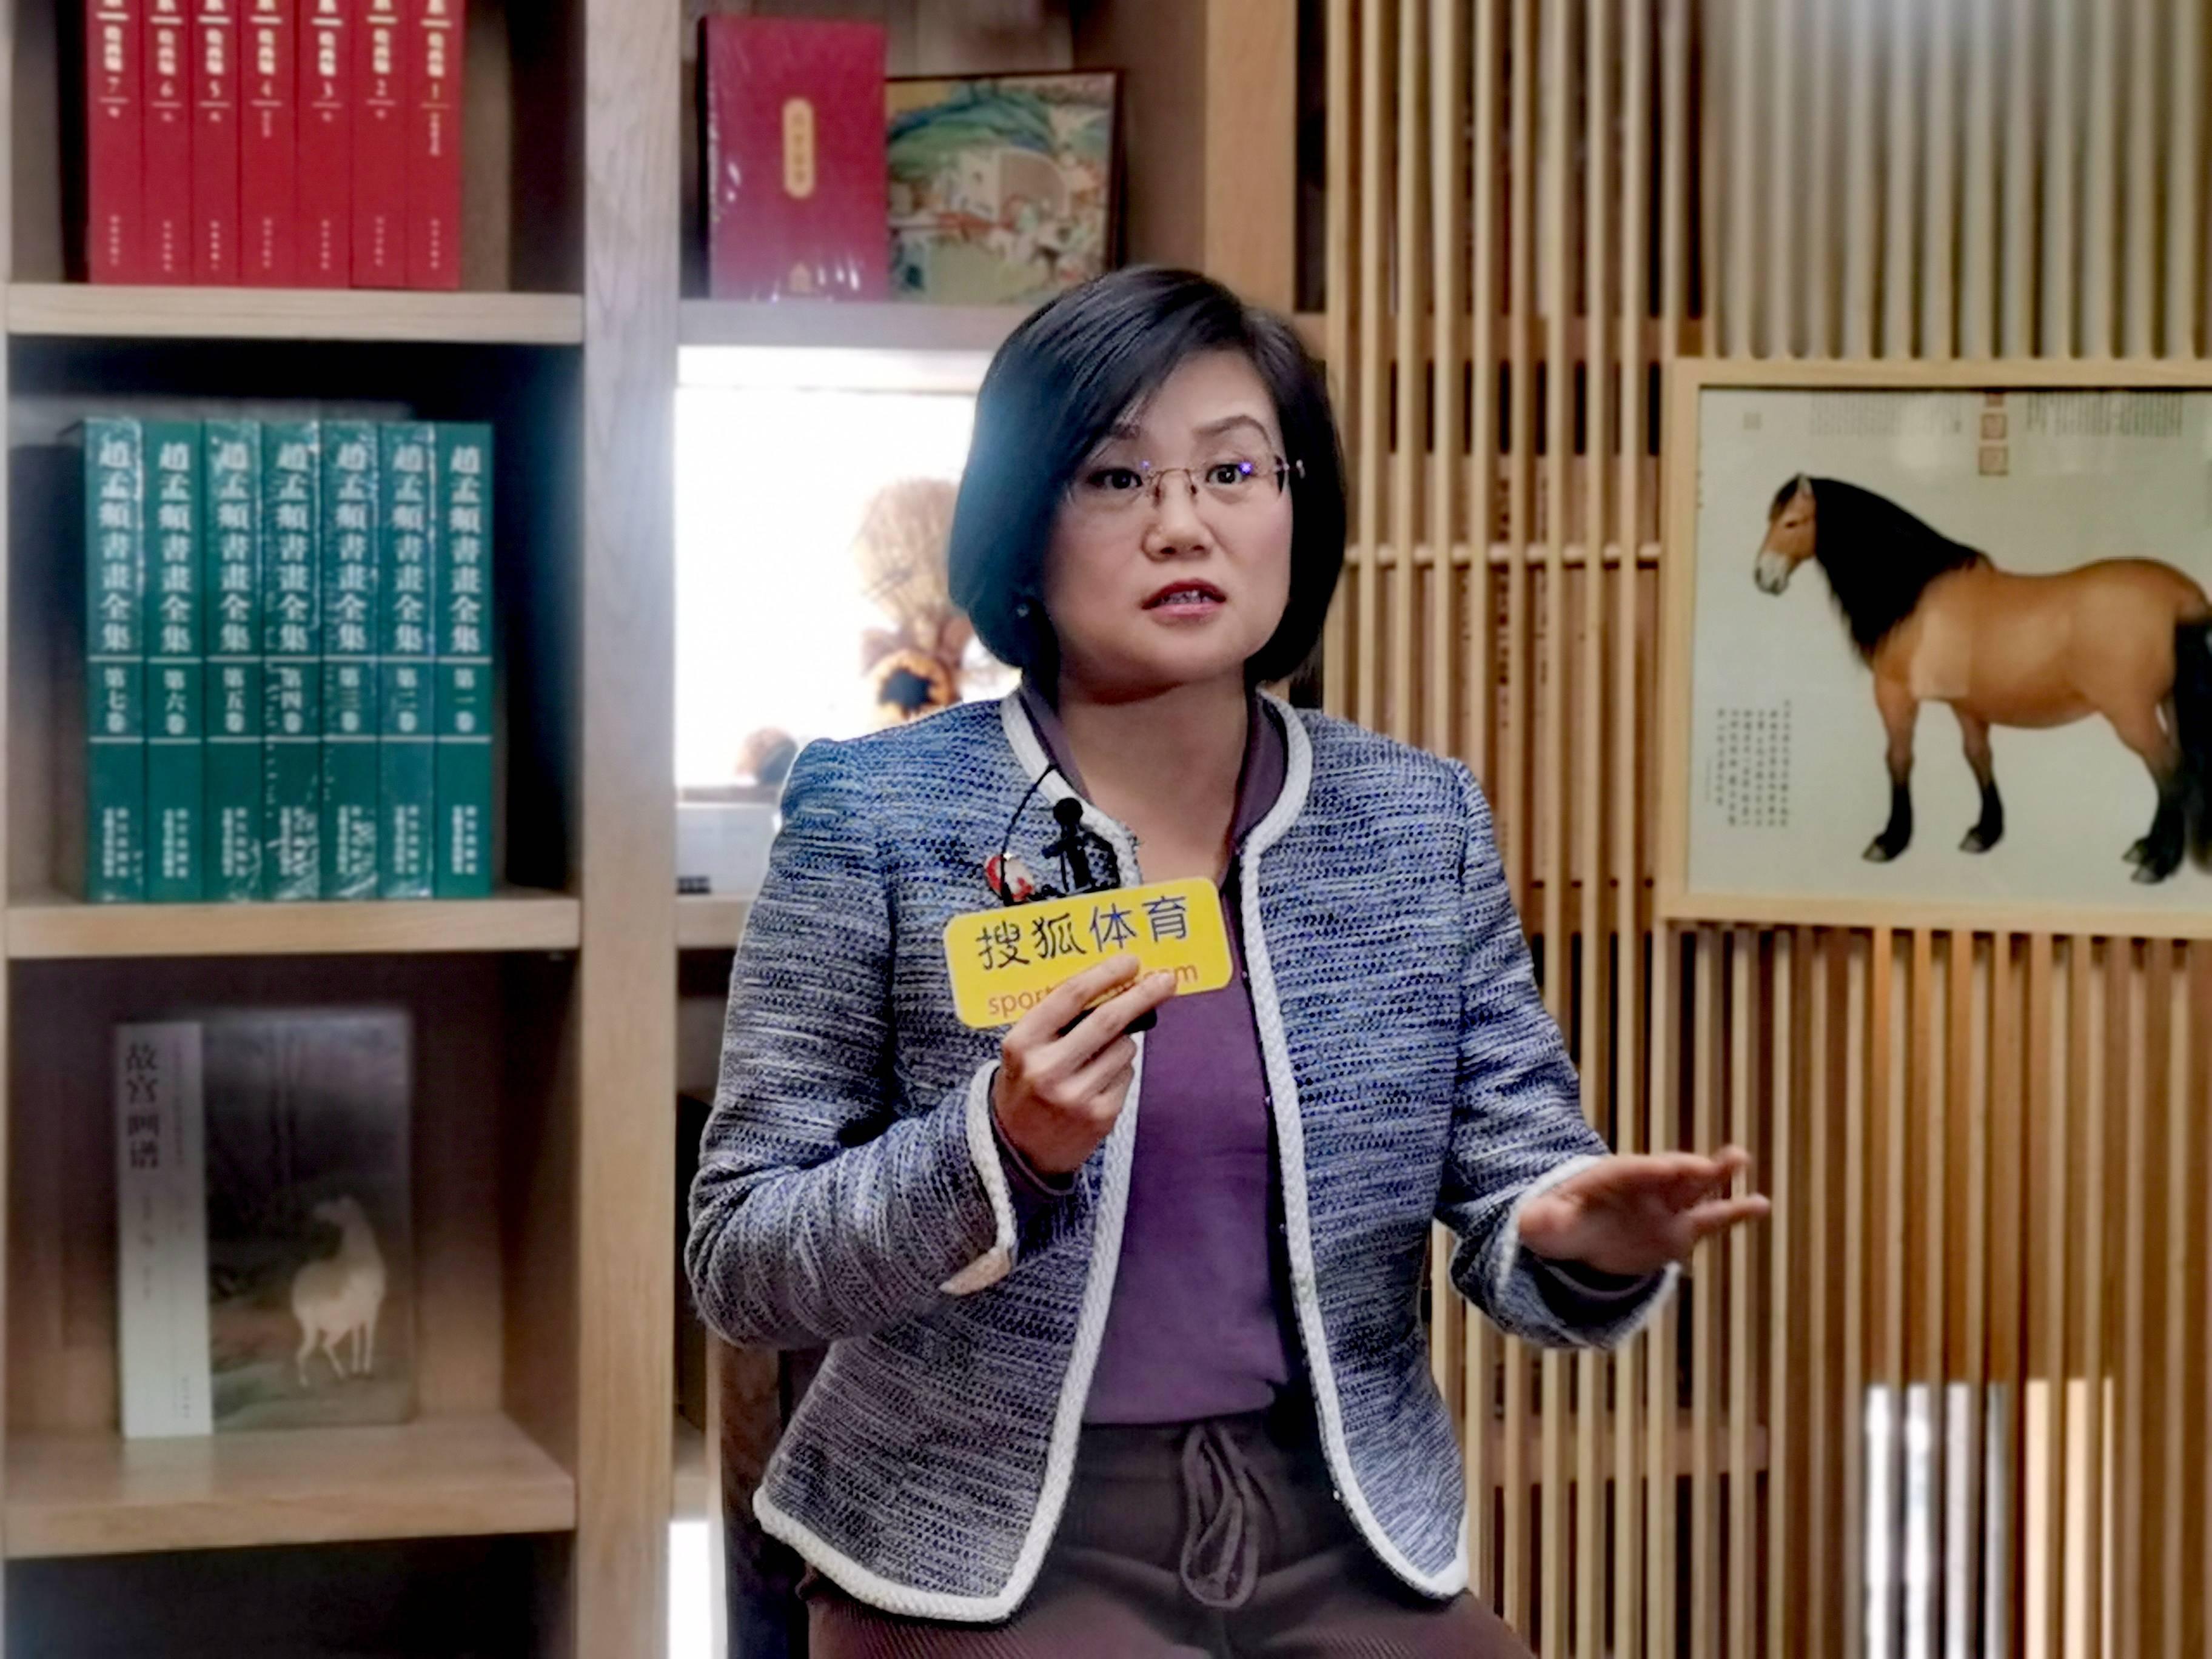 原采访魏紫文化王一和搜狐创建马术频道是大势所趋